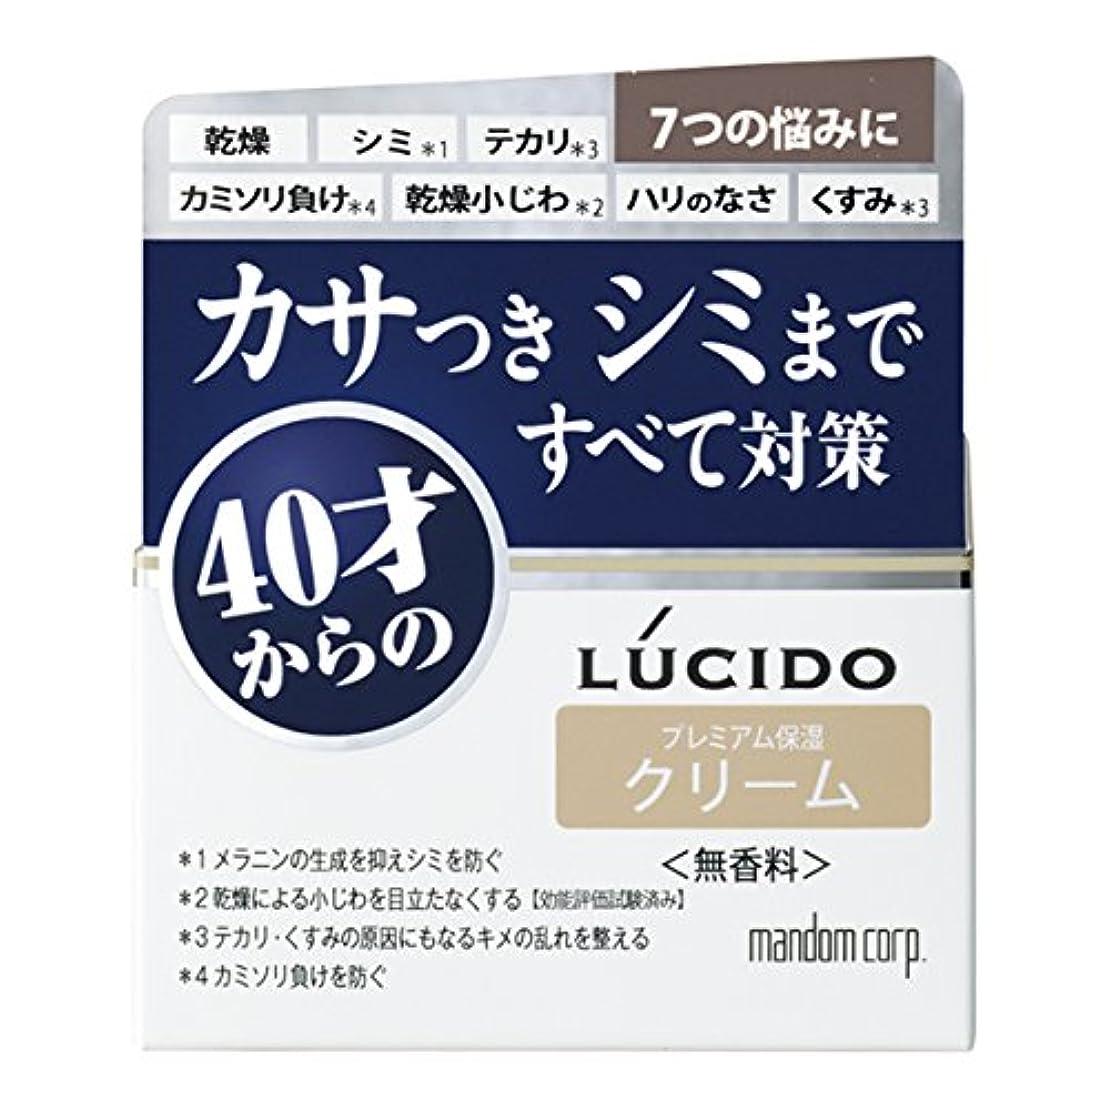 安らぎ足救出ルシード 薬用 トータルケアクリーム (医薬部外品)50g